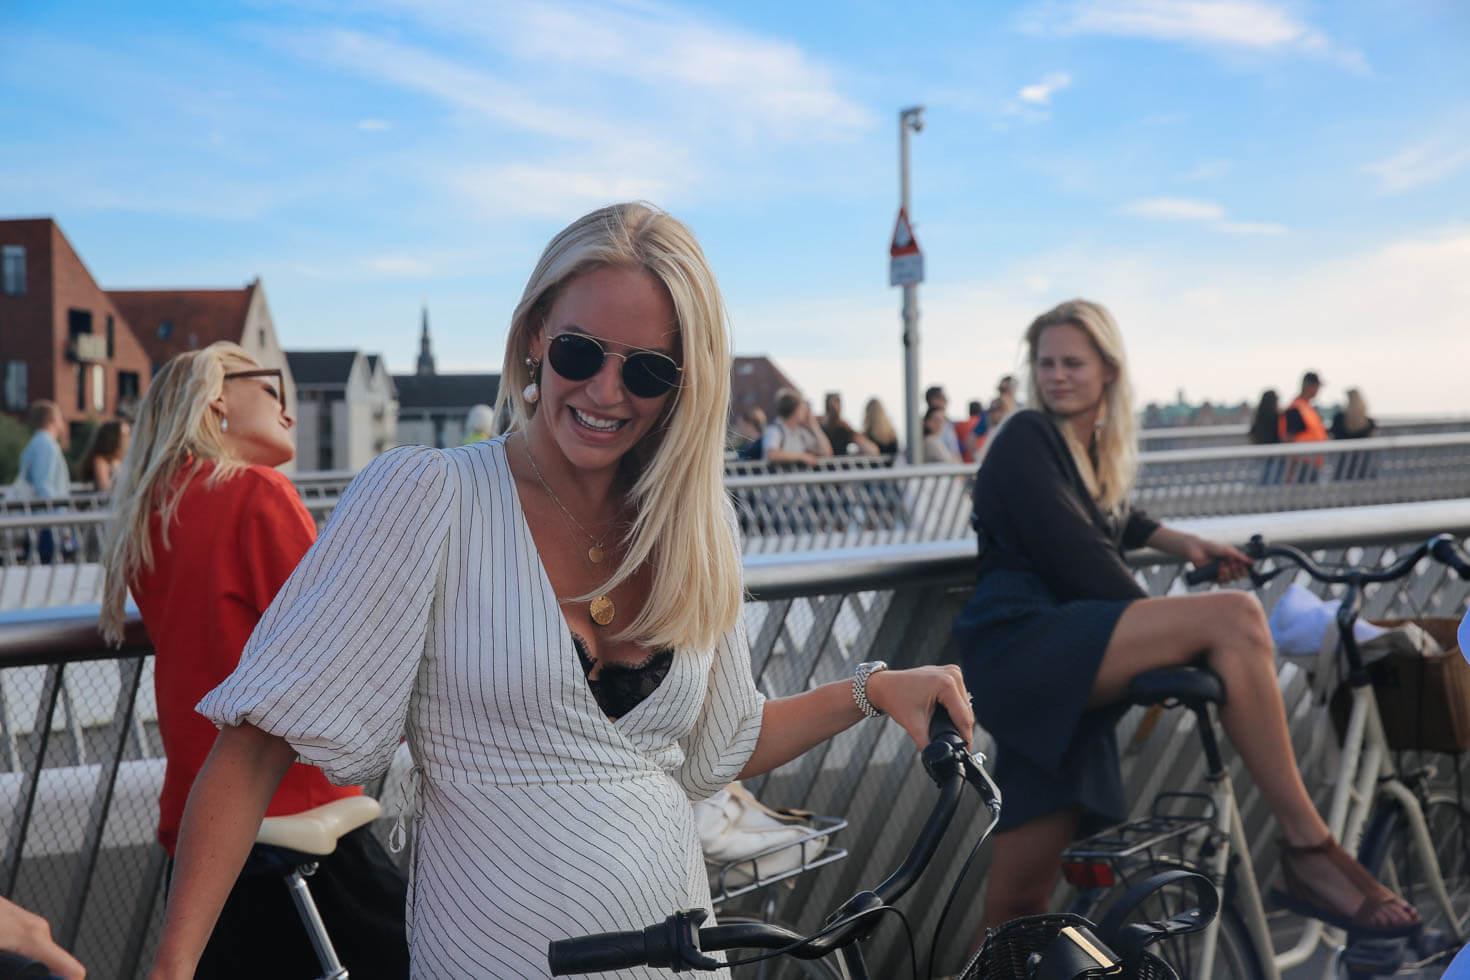 Kopenhamnsguide restauranger, hyra cykel, klubb-29